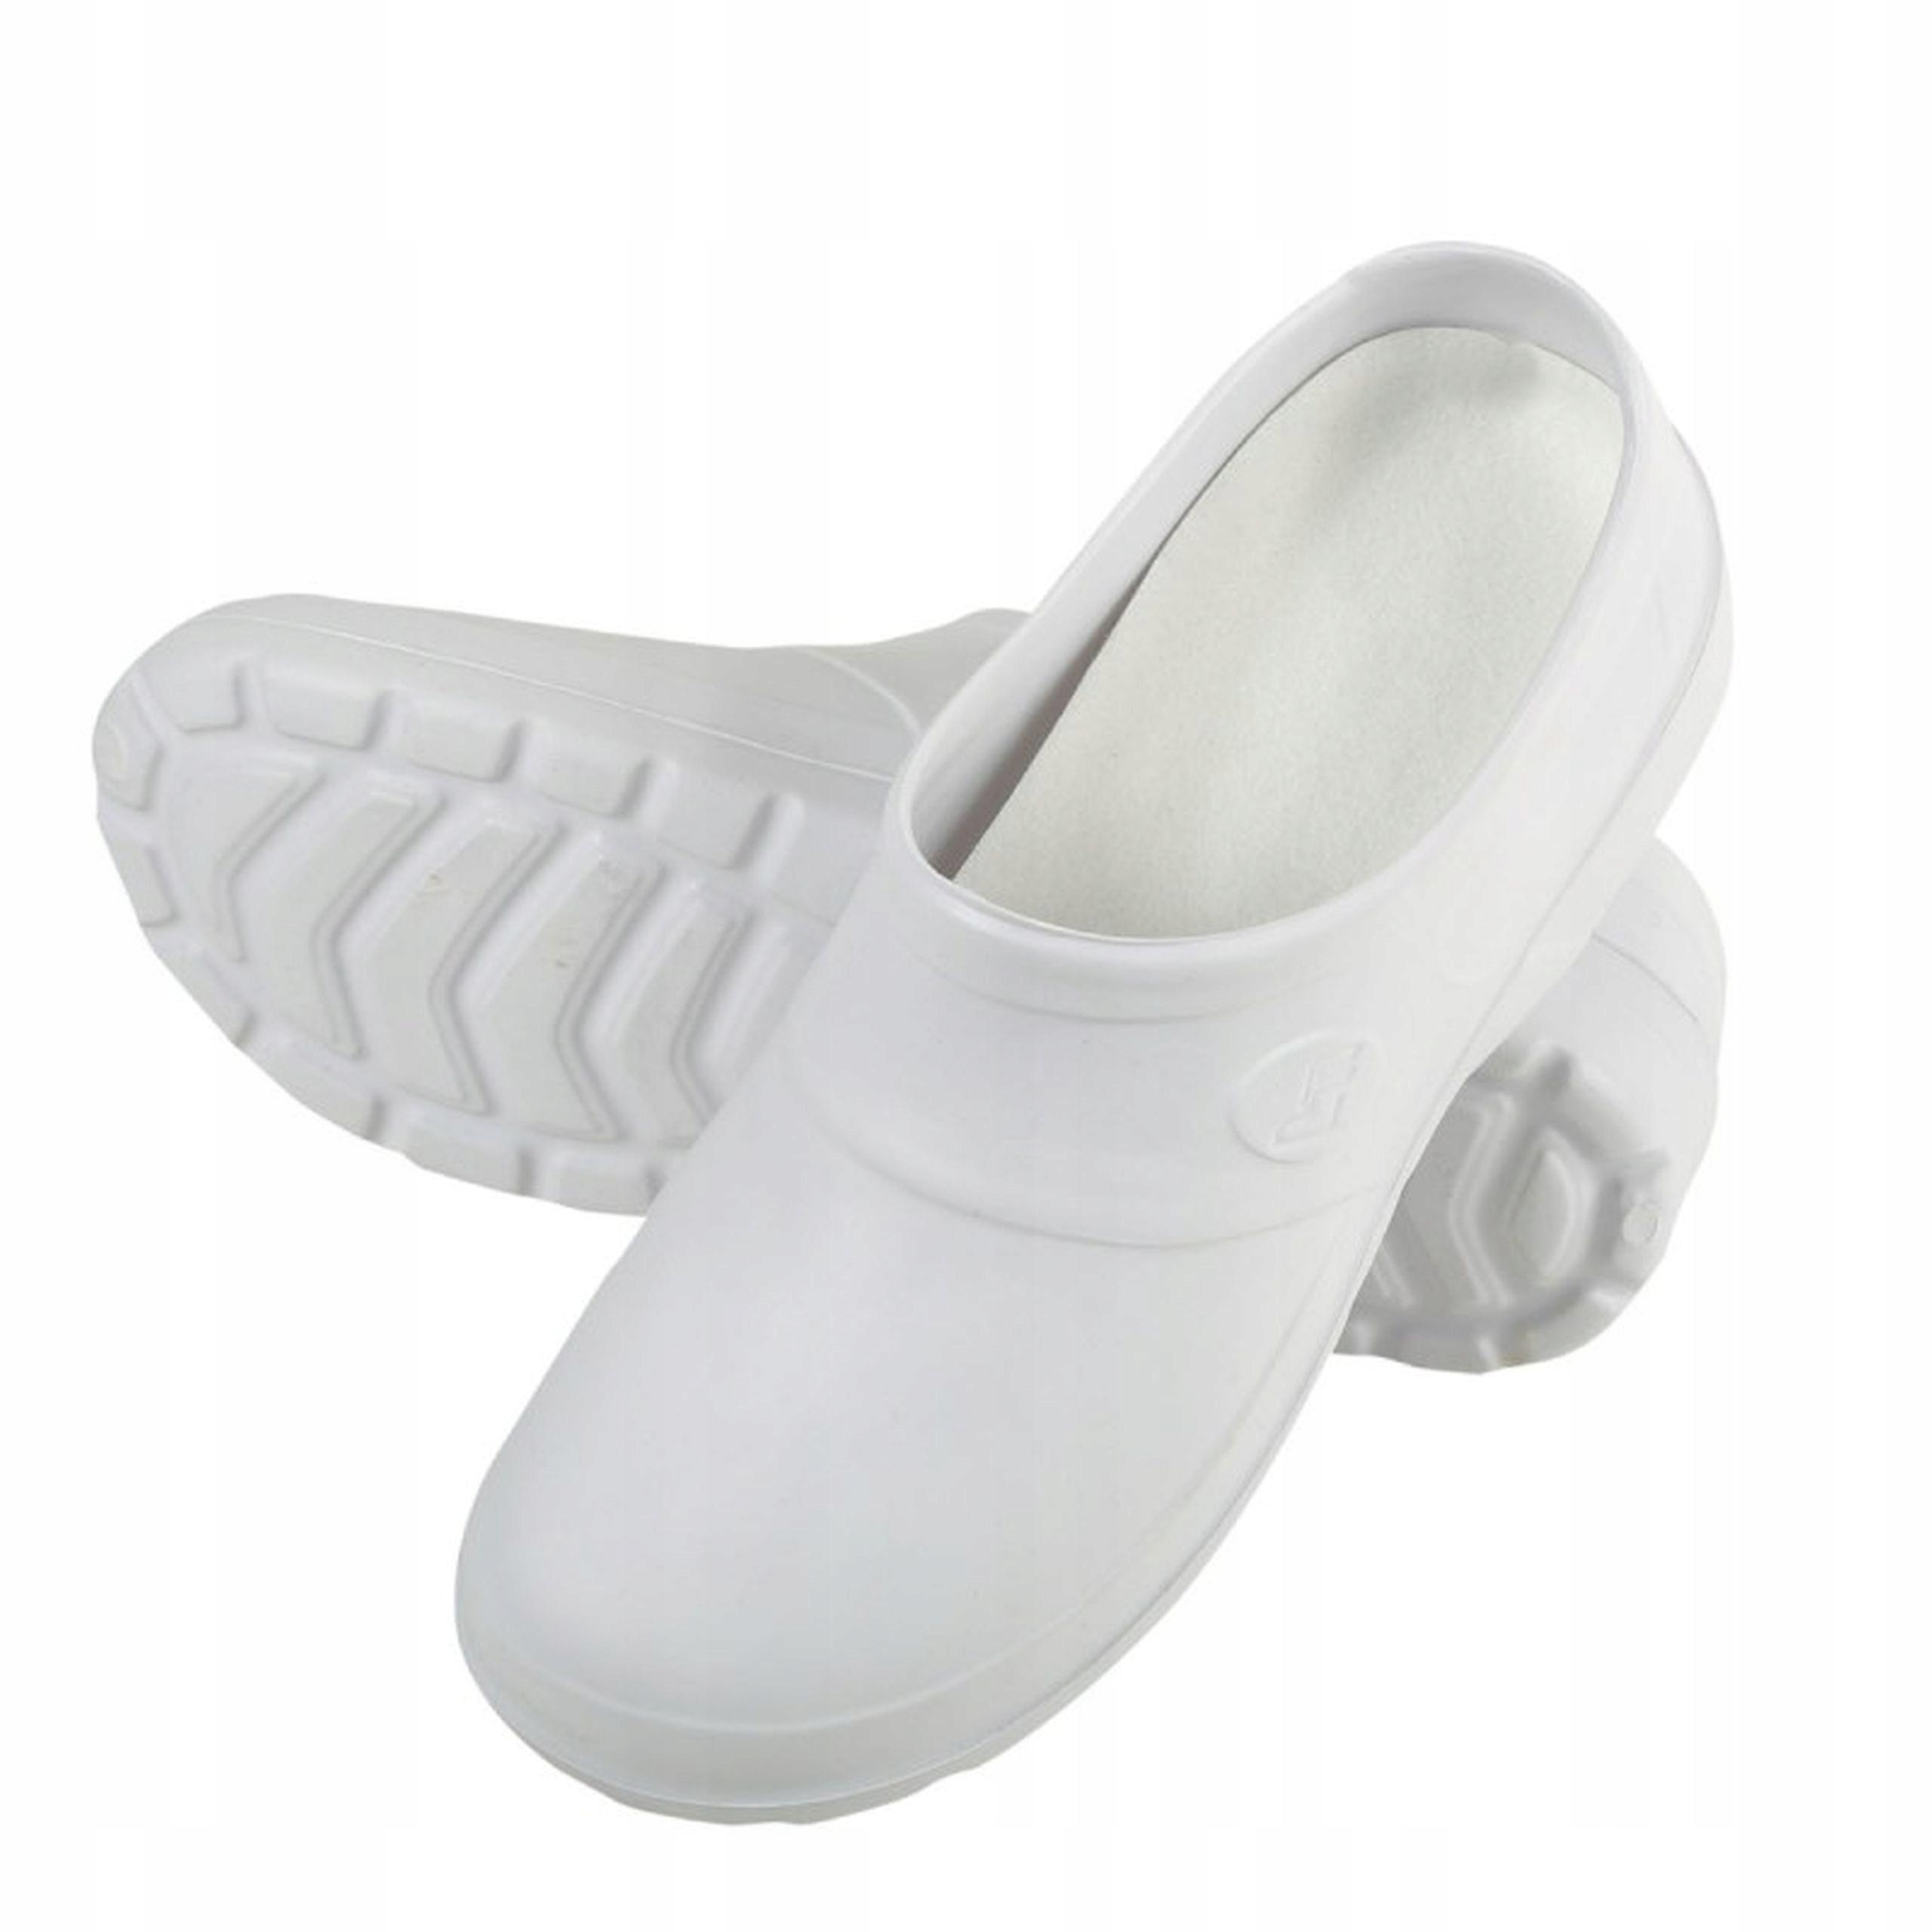 Сабо Босоножки ботинки легкие пищевые продукты, медицинские